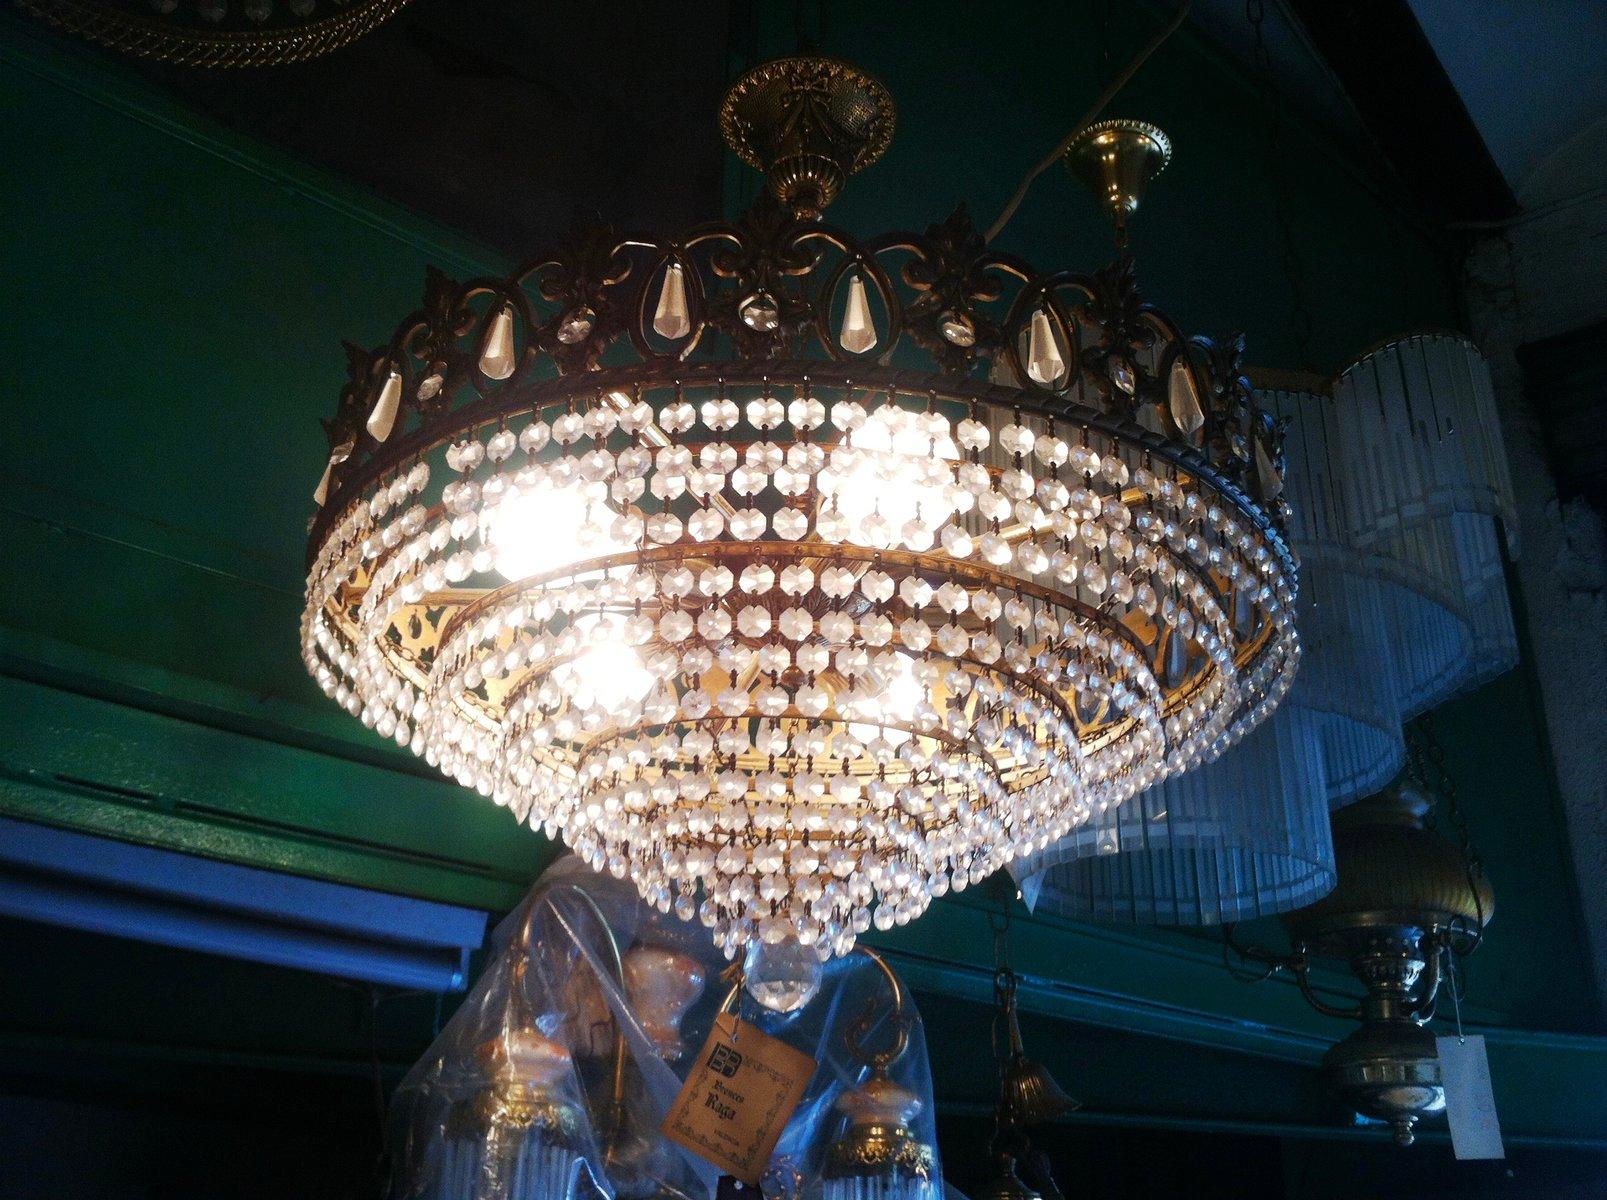 sterreichischer vintage swarovski kristall kronleuchter. Black Bedroom Furniture Sets. Home Design Ideas